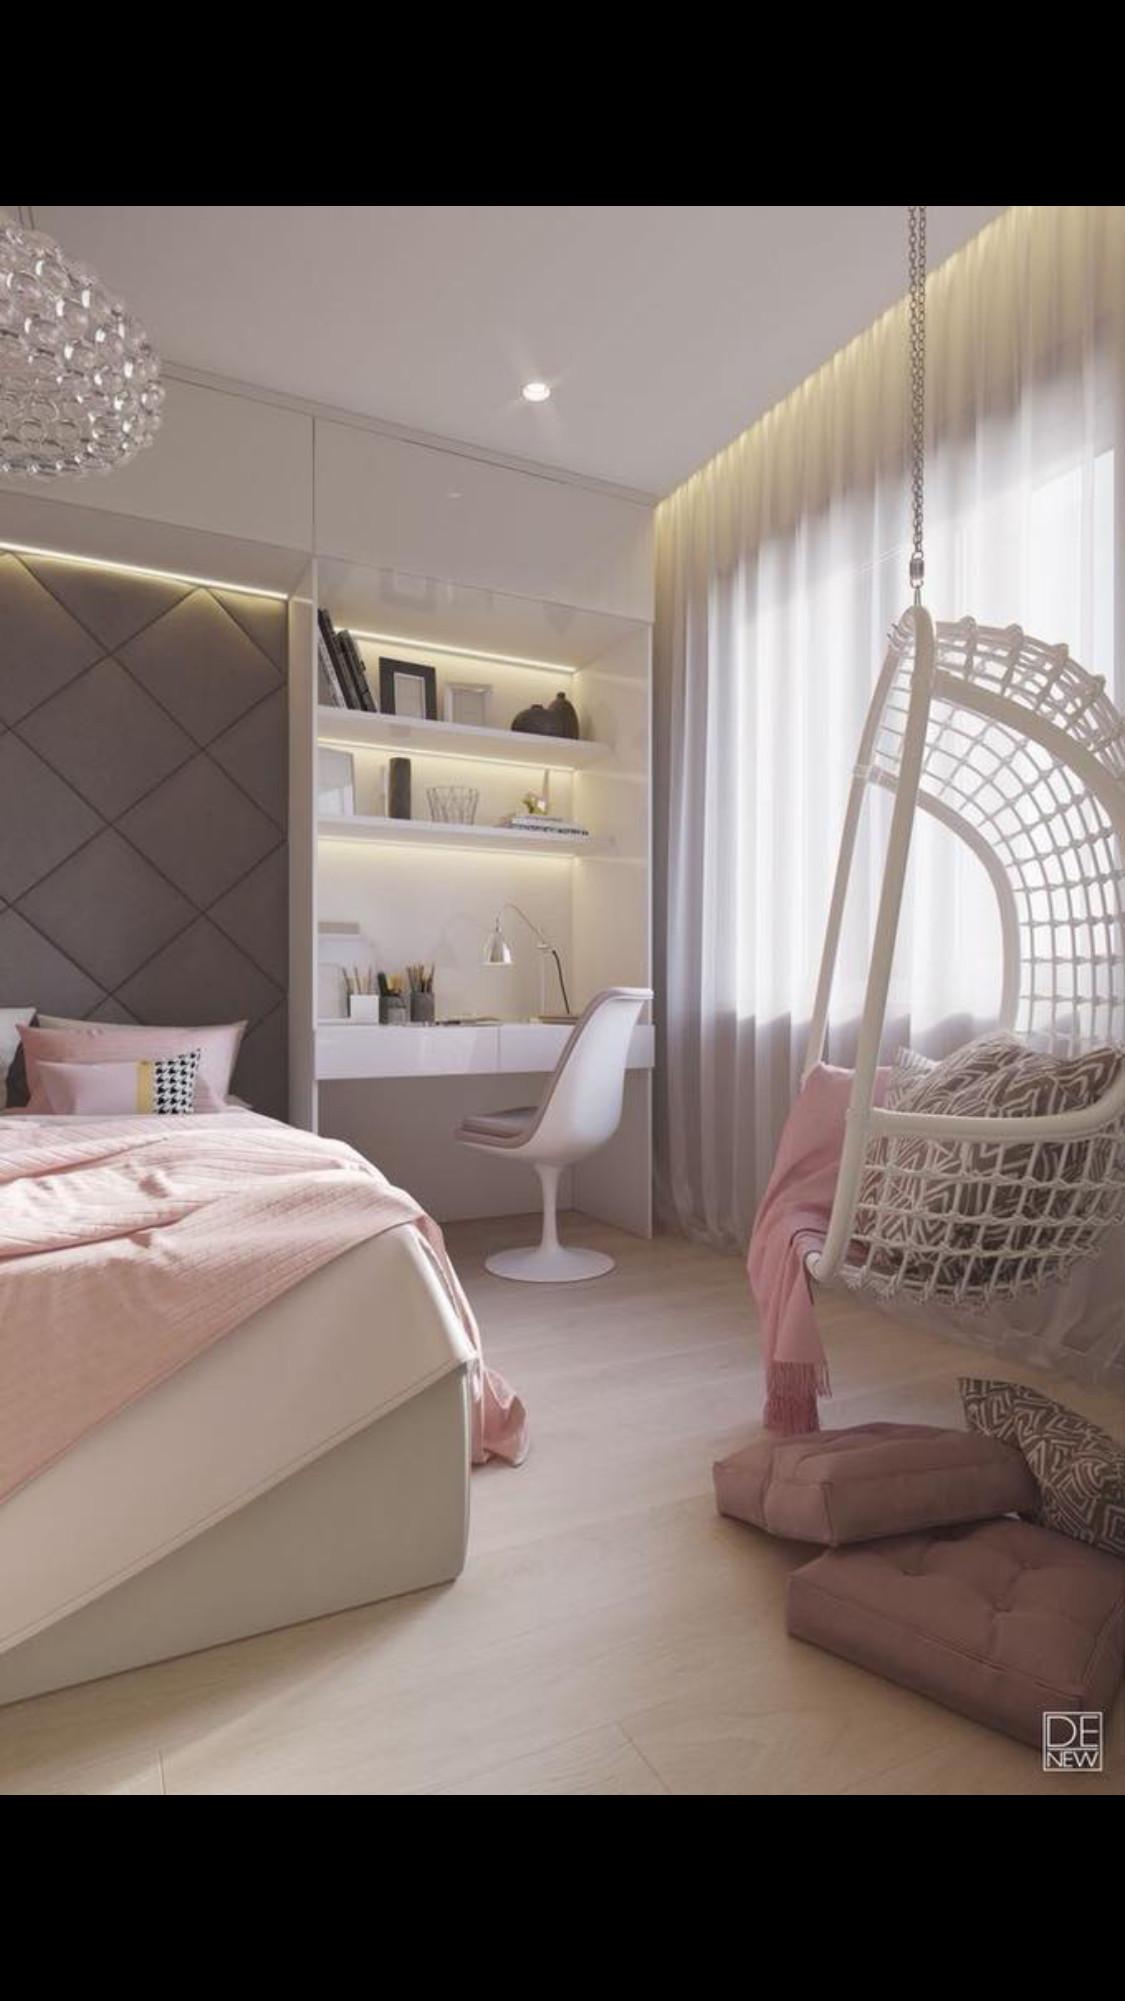 Teenage Girl Bedroom Ideas Best Of My Dream Room soon as I Secure This 💰